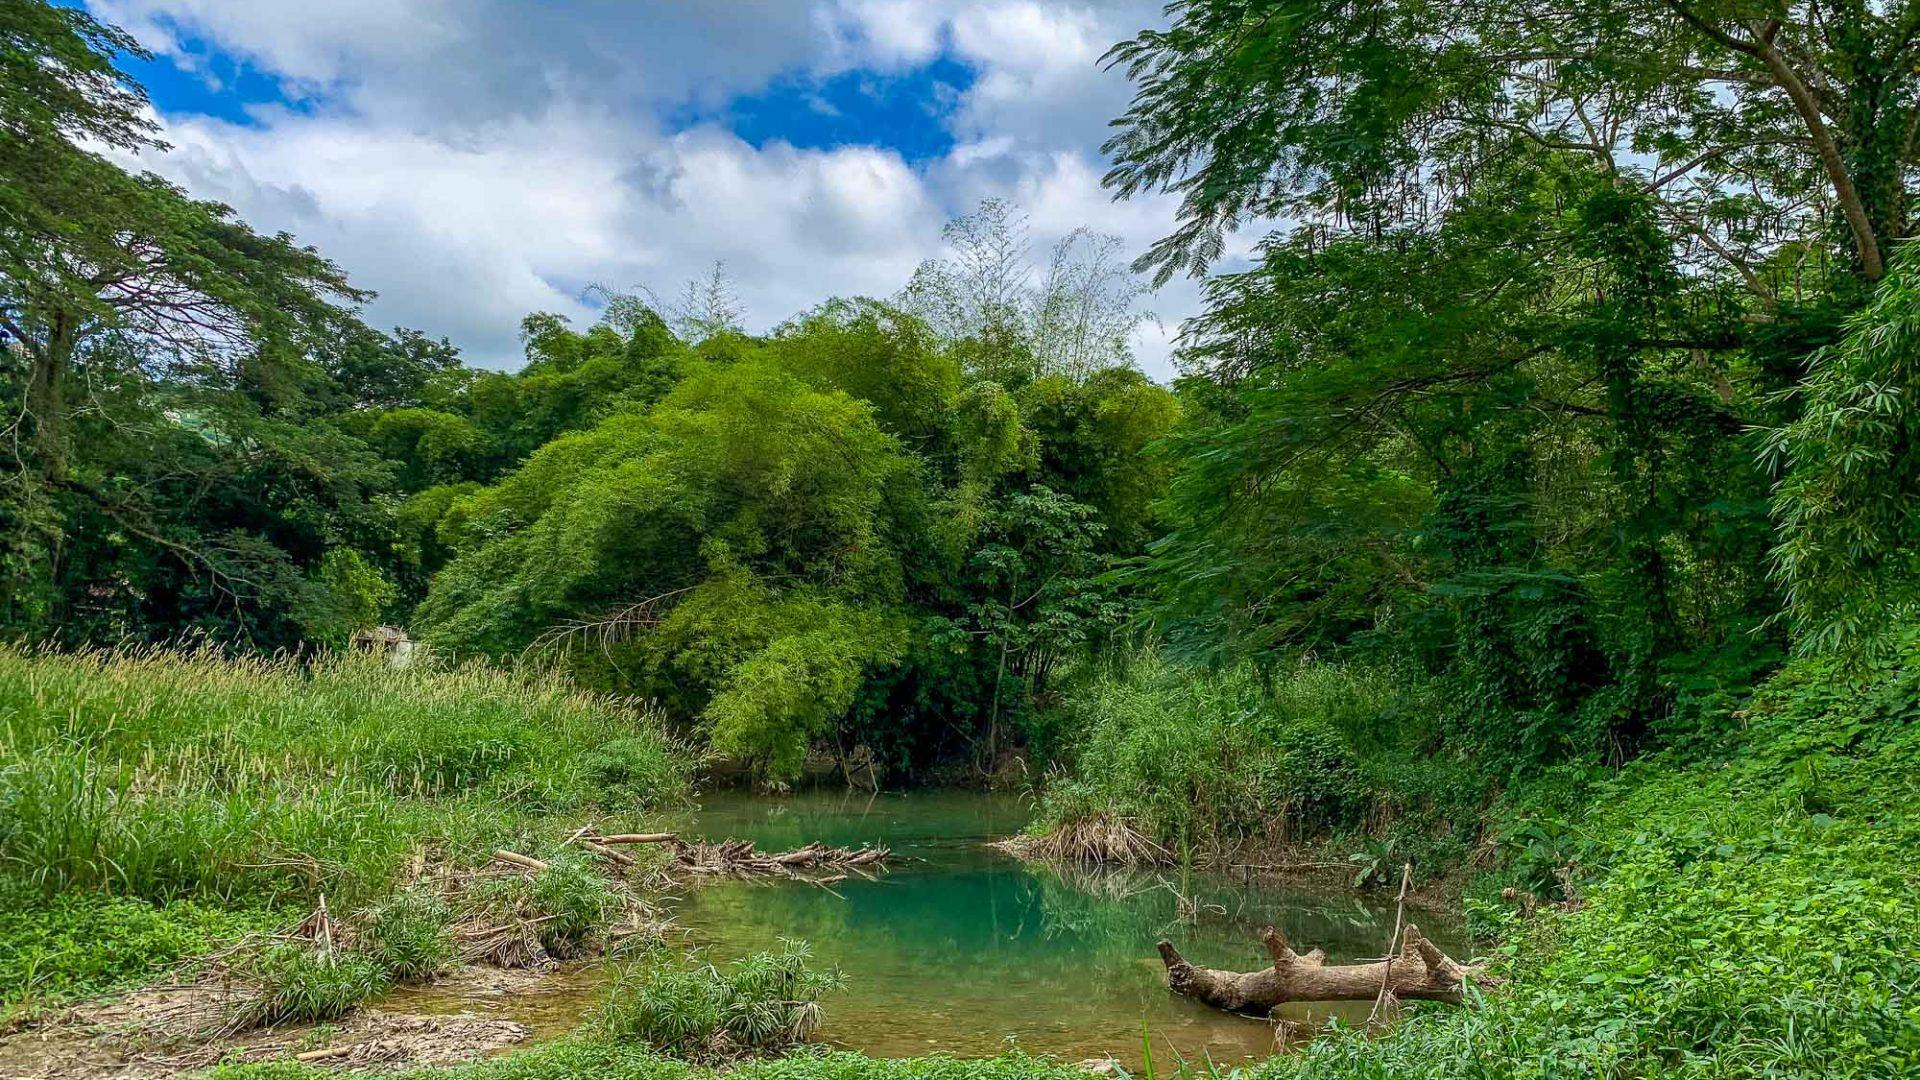 Landscape en route to the Rastafari Indigenous Village